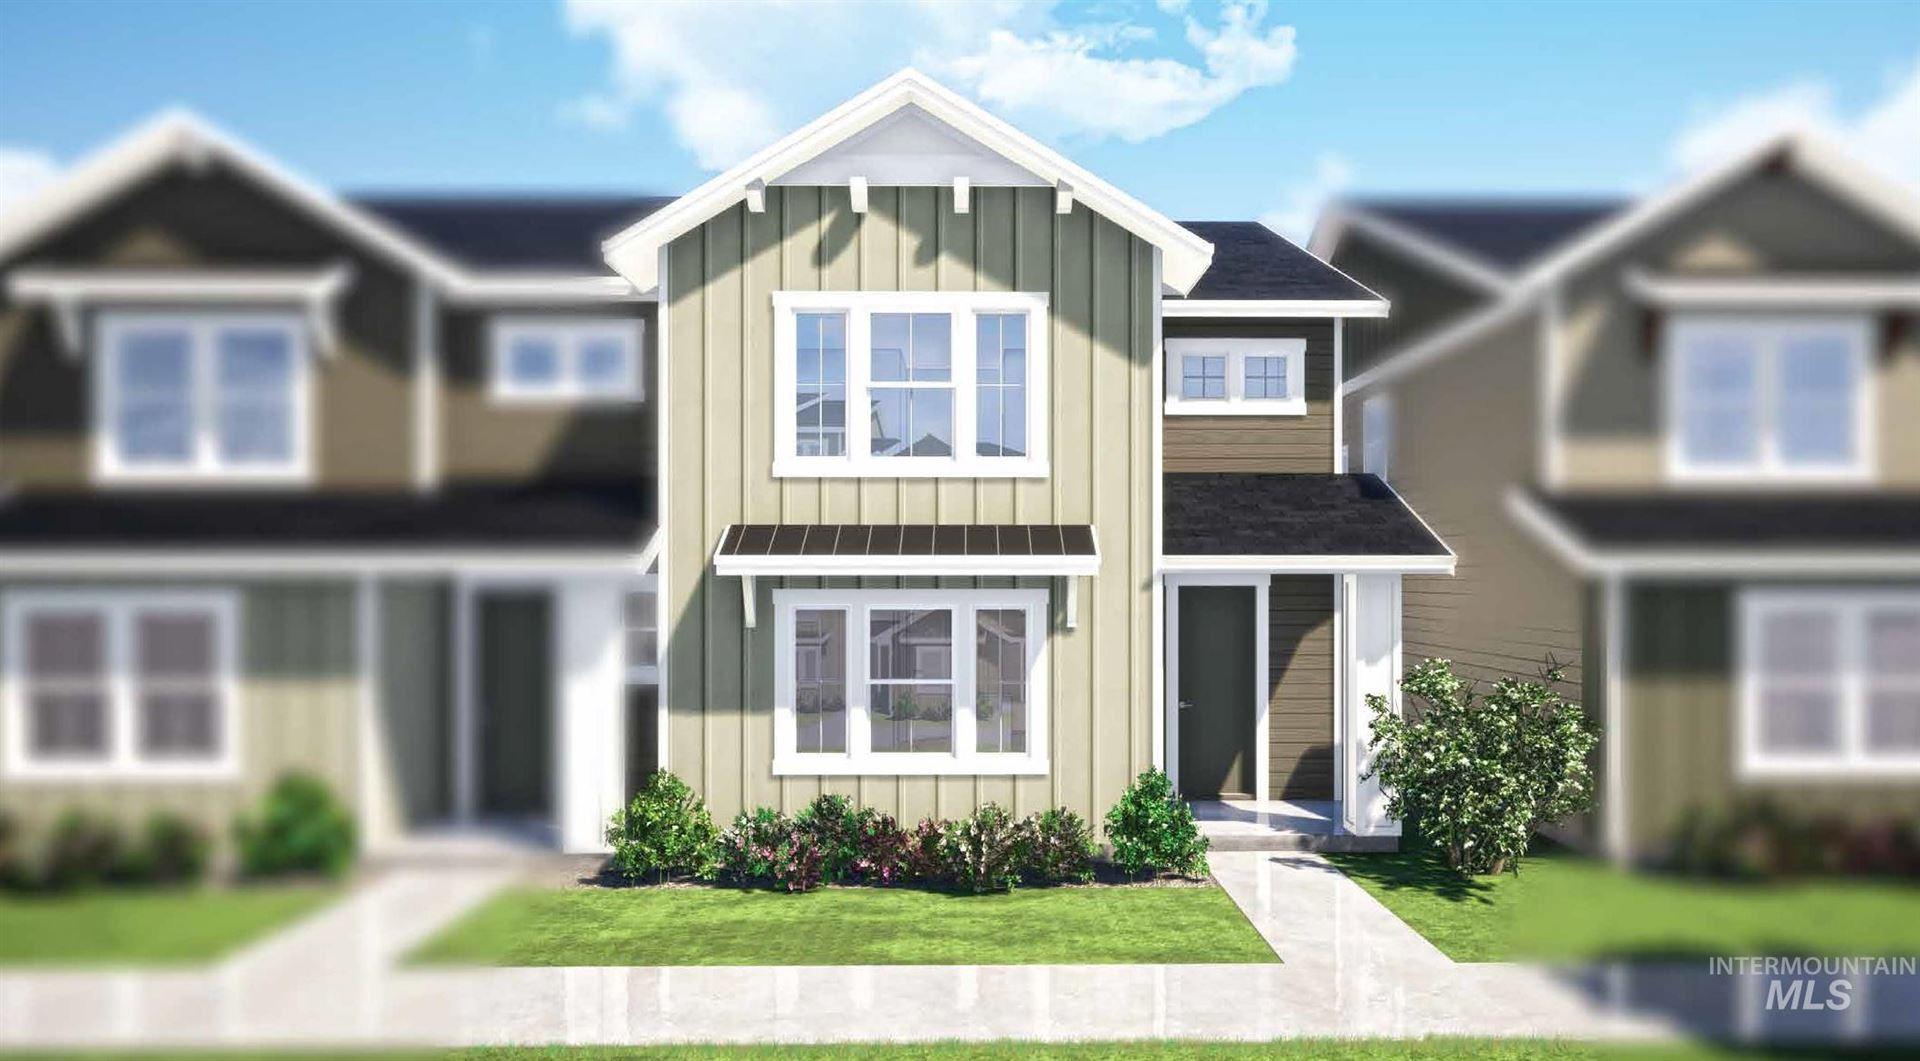 11102 W Shelbourne St, Boise, ID 83709 - MLS#: 98821302